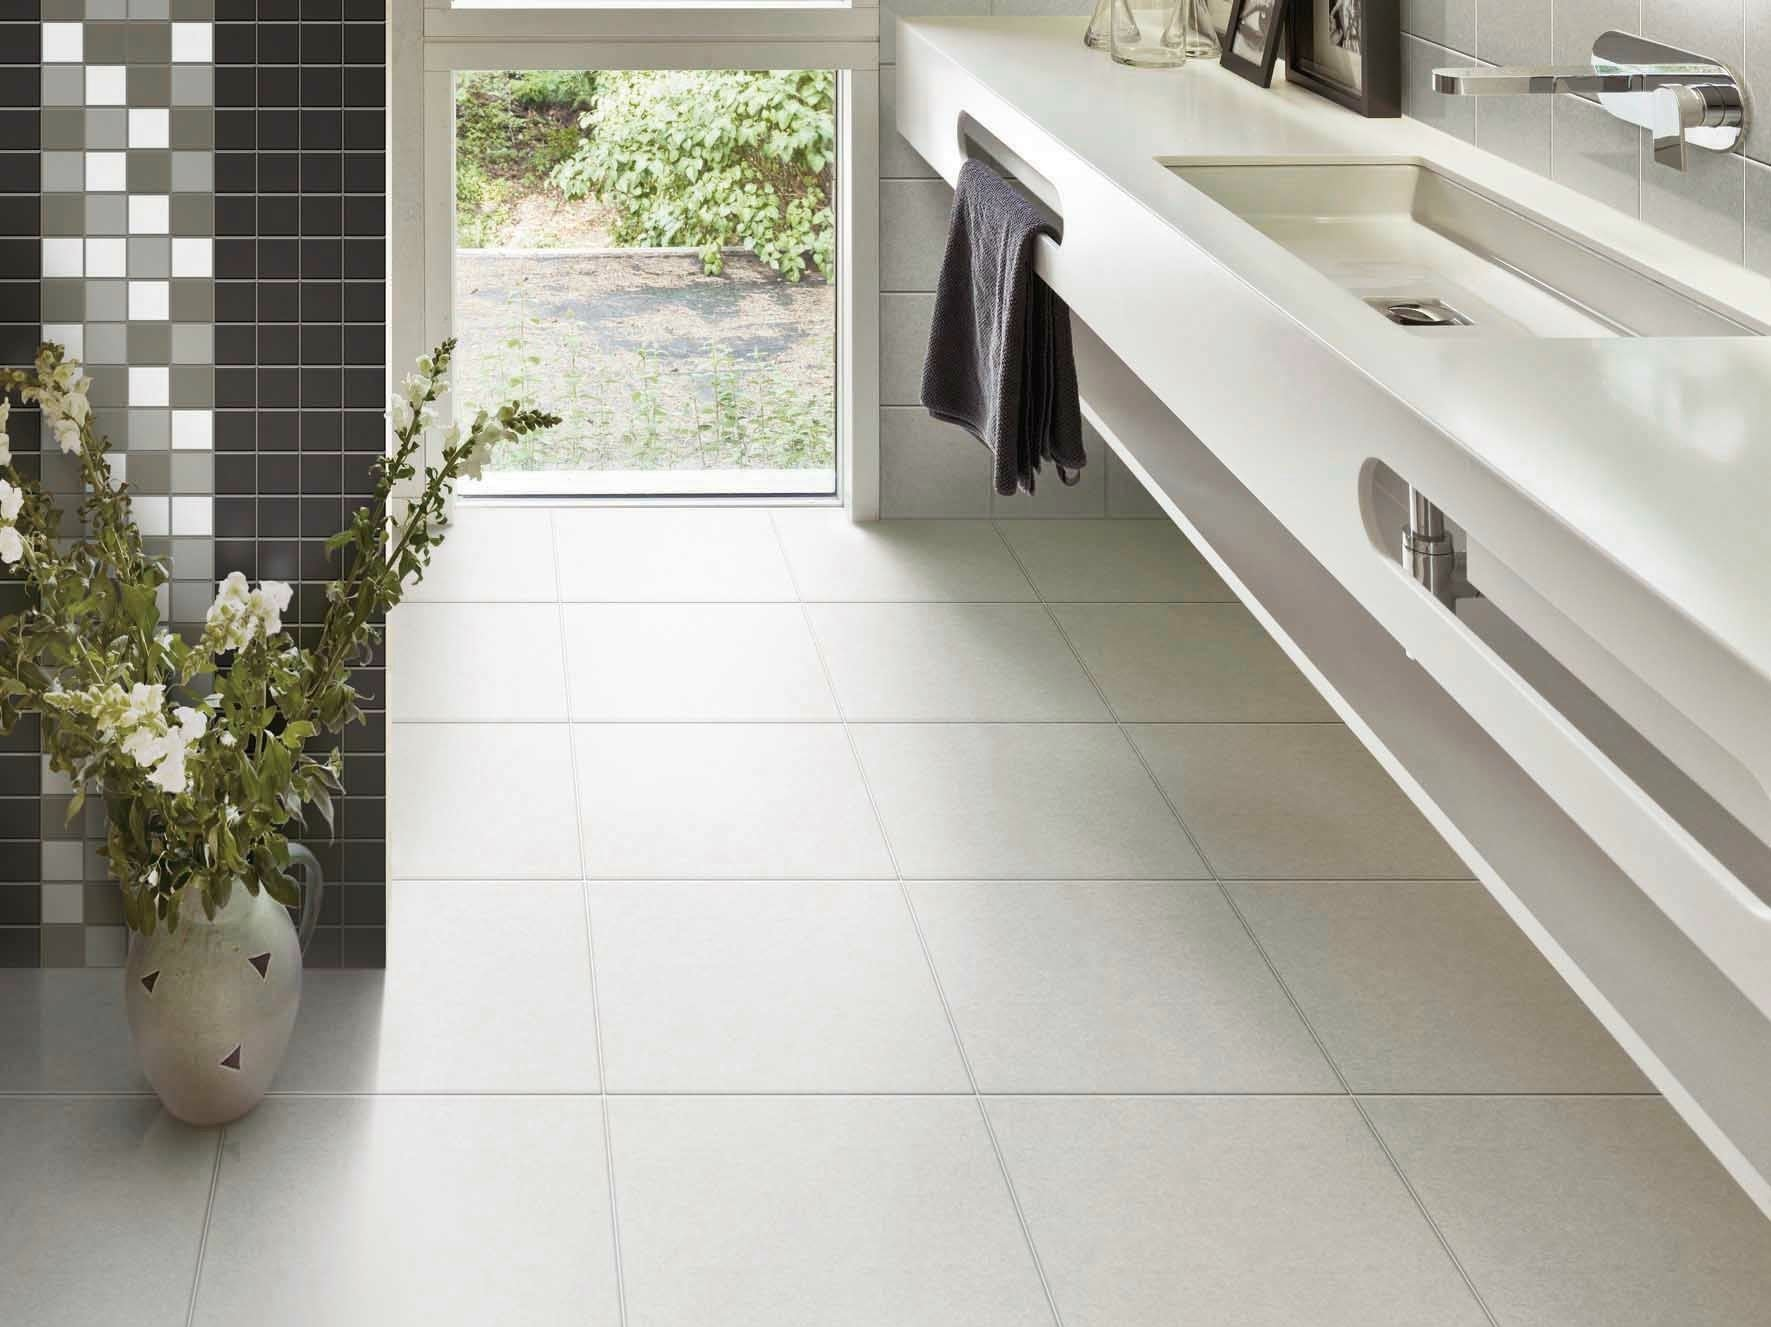 Revestimiento de pared suelo de gres porcel nico esmaltado - Suelos de gres catalogo ...